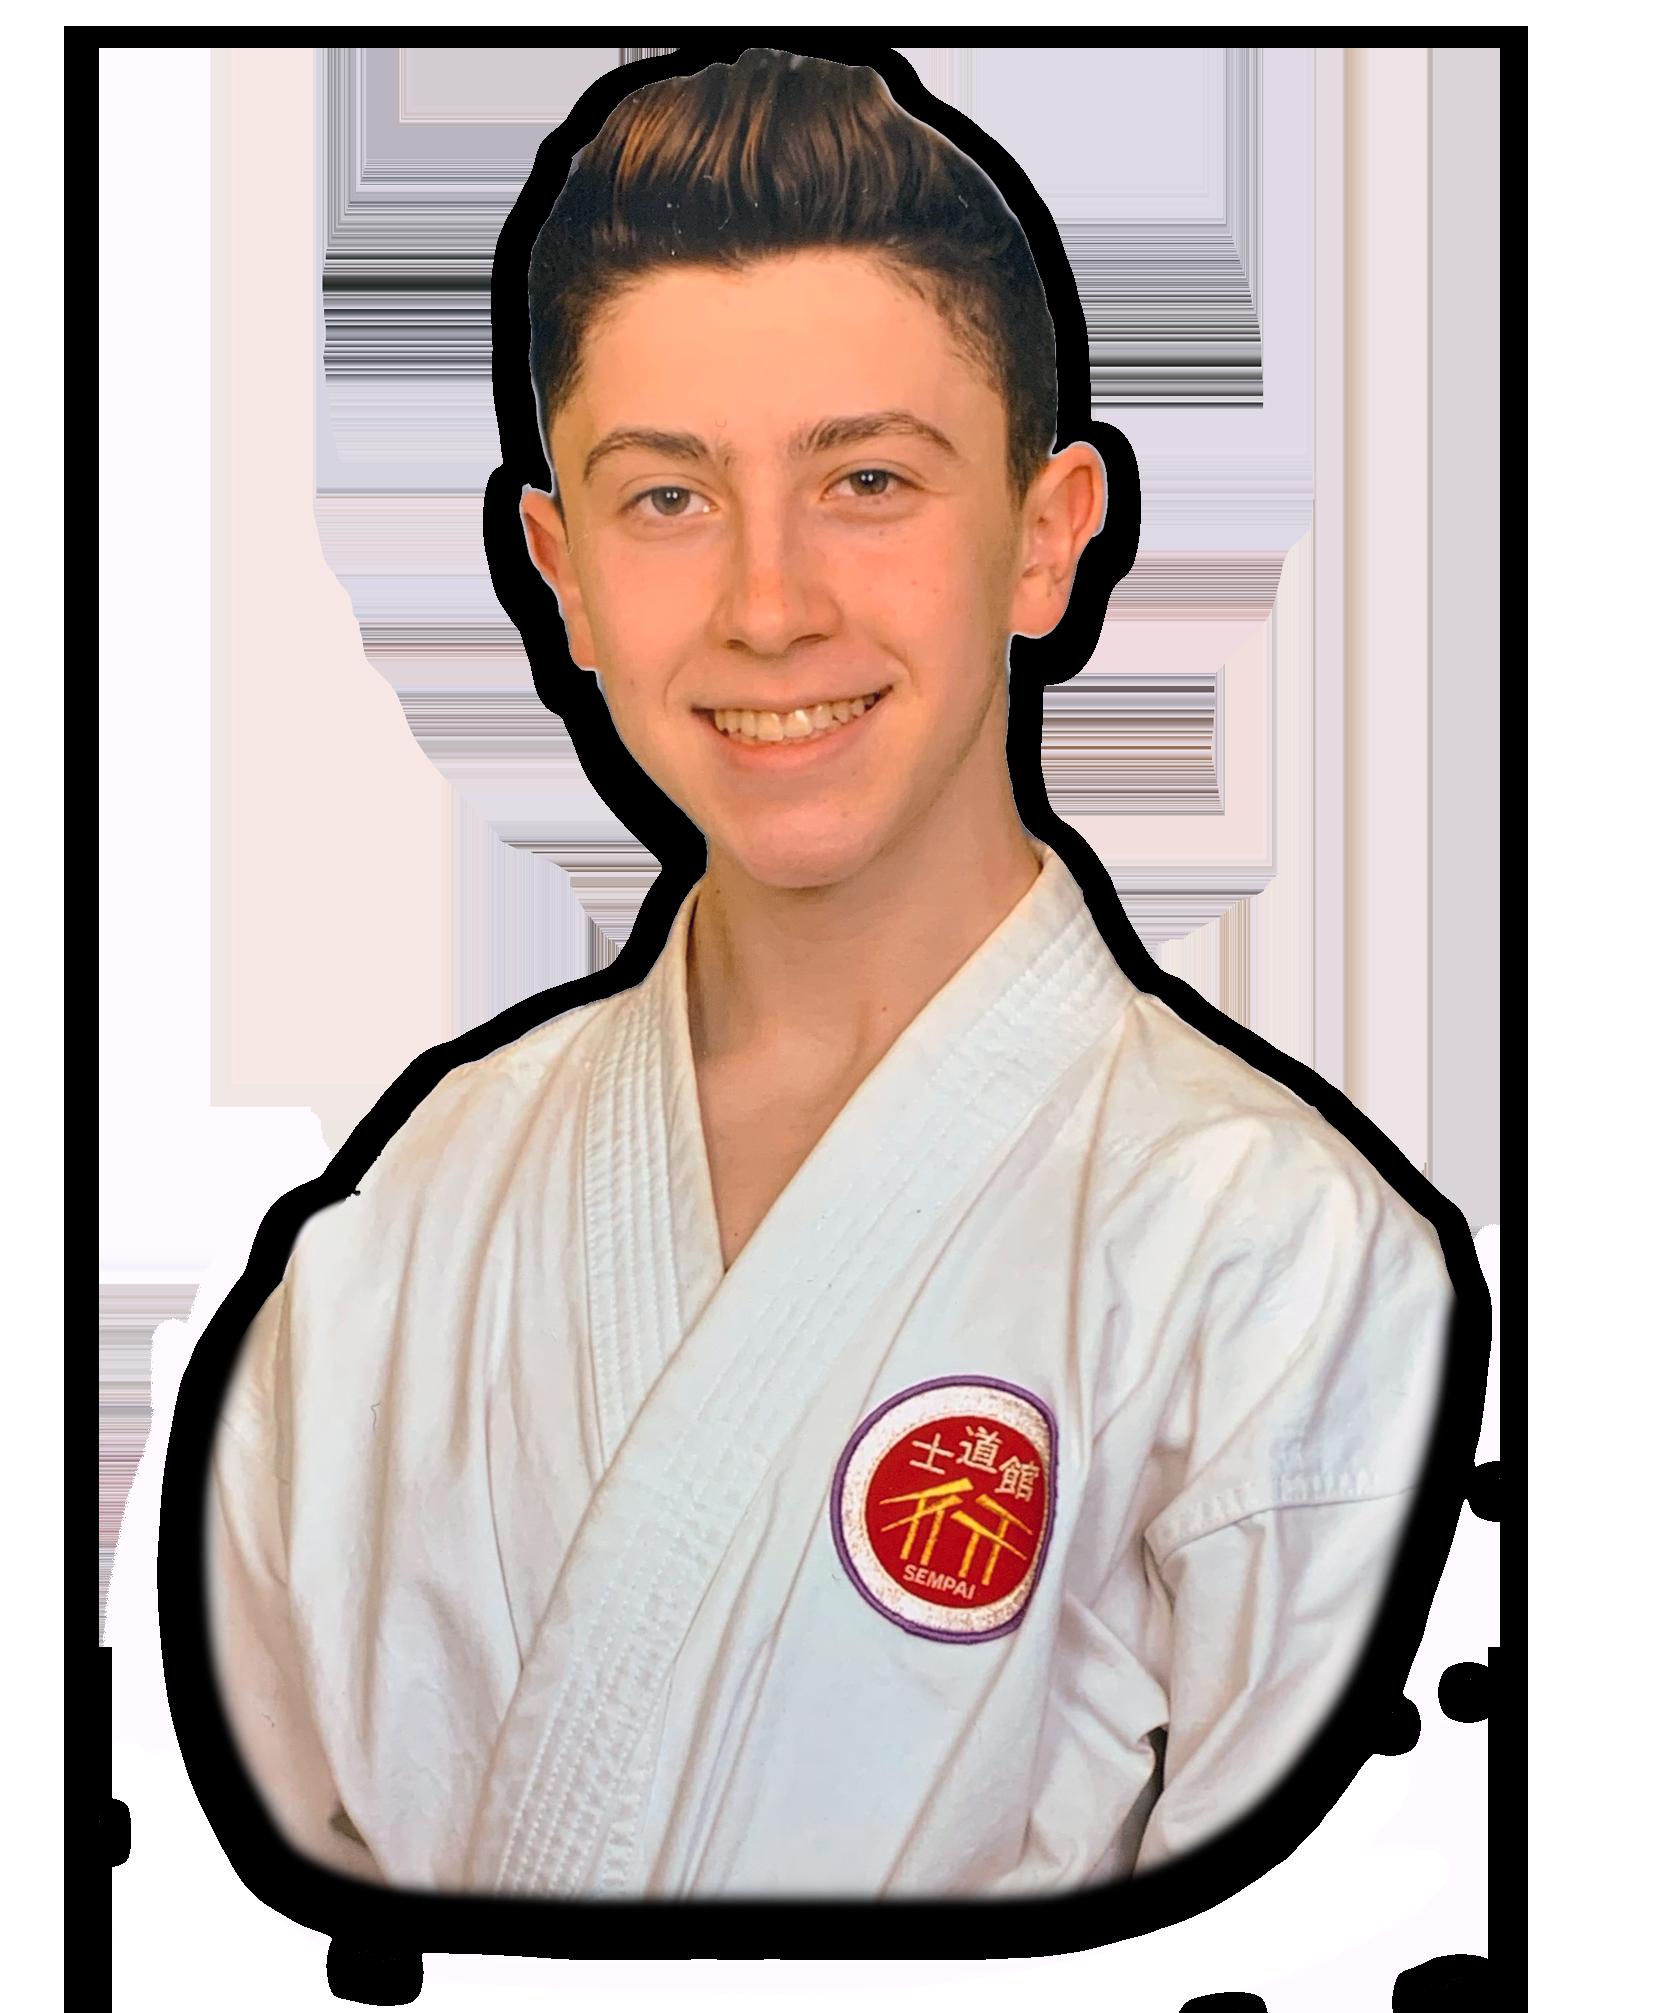 Aidan Heroux